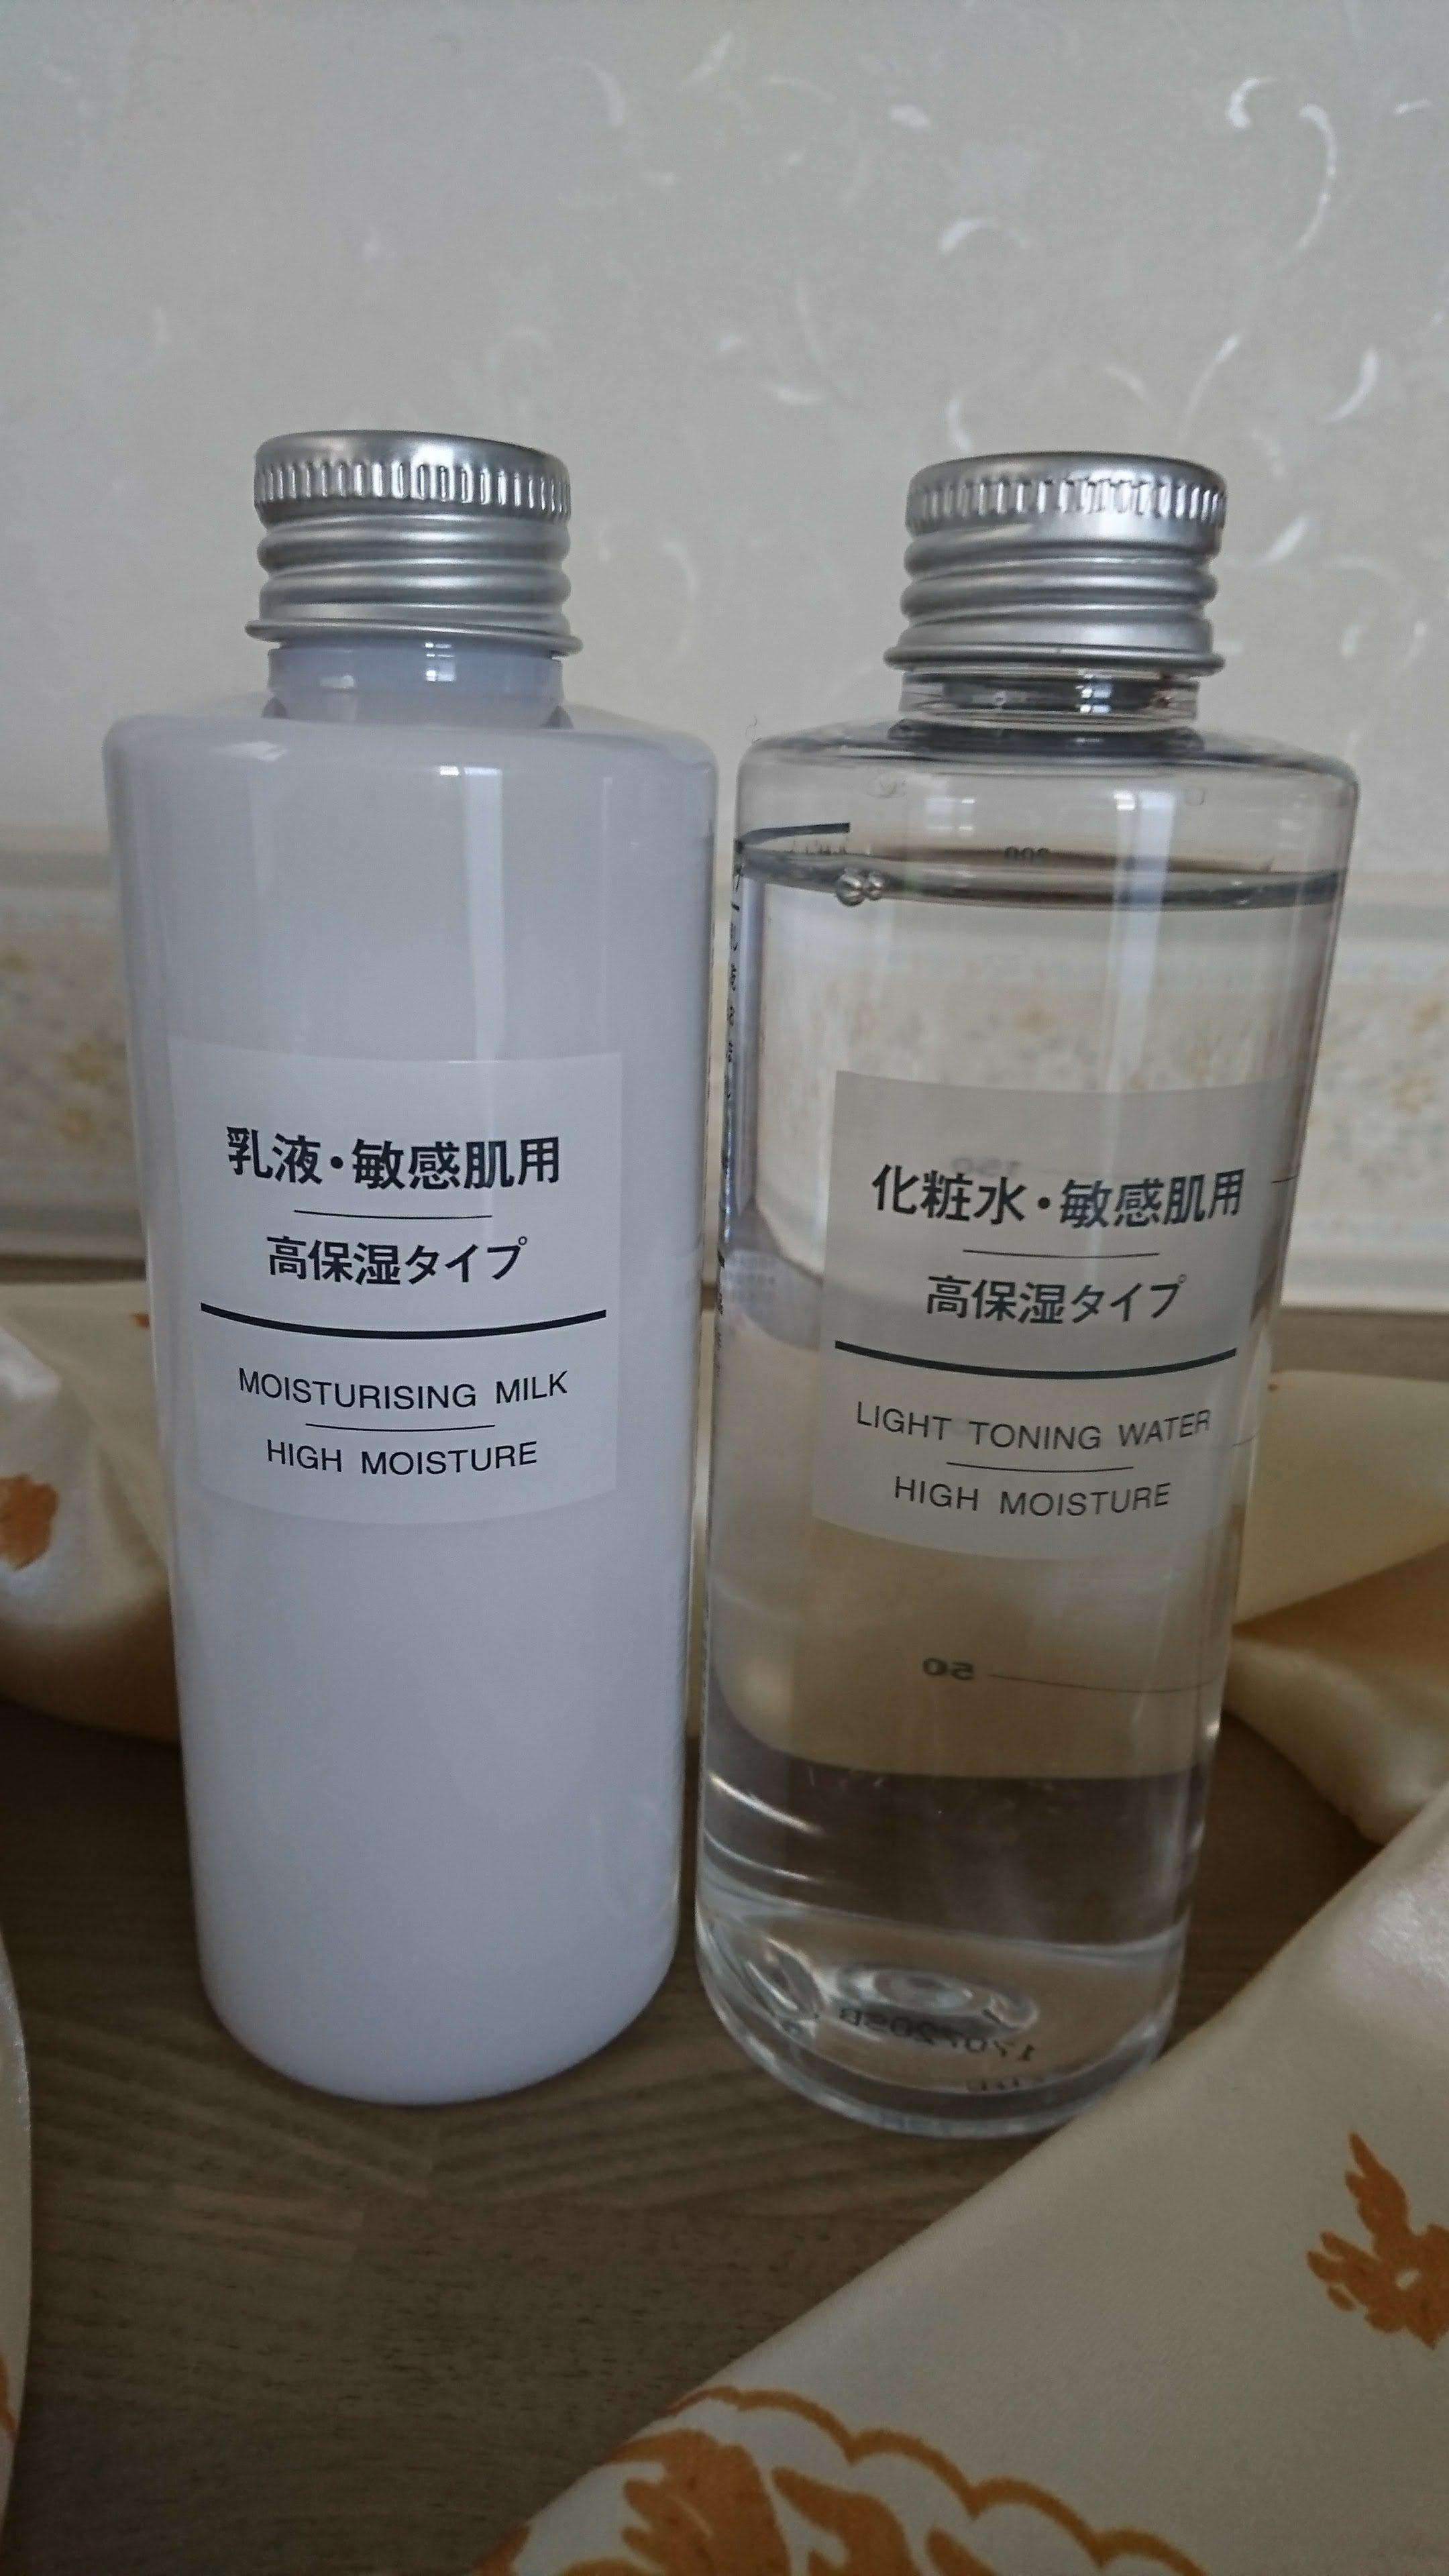 無印良品 敏感肌用 高保湿タイプ(大容量) 400ml (無印良品